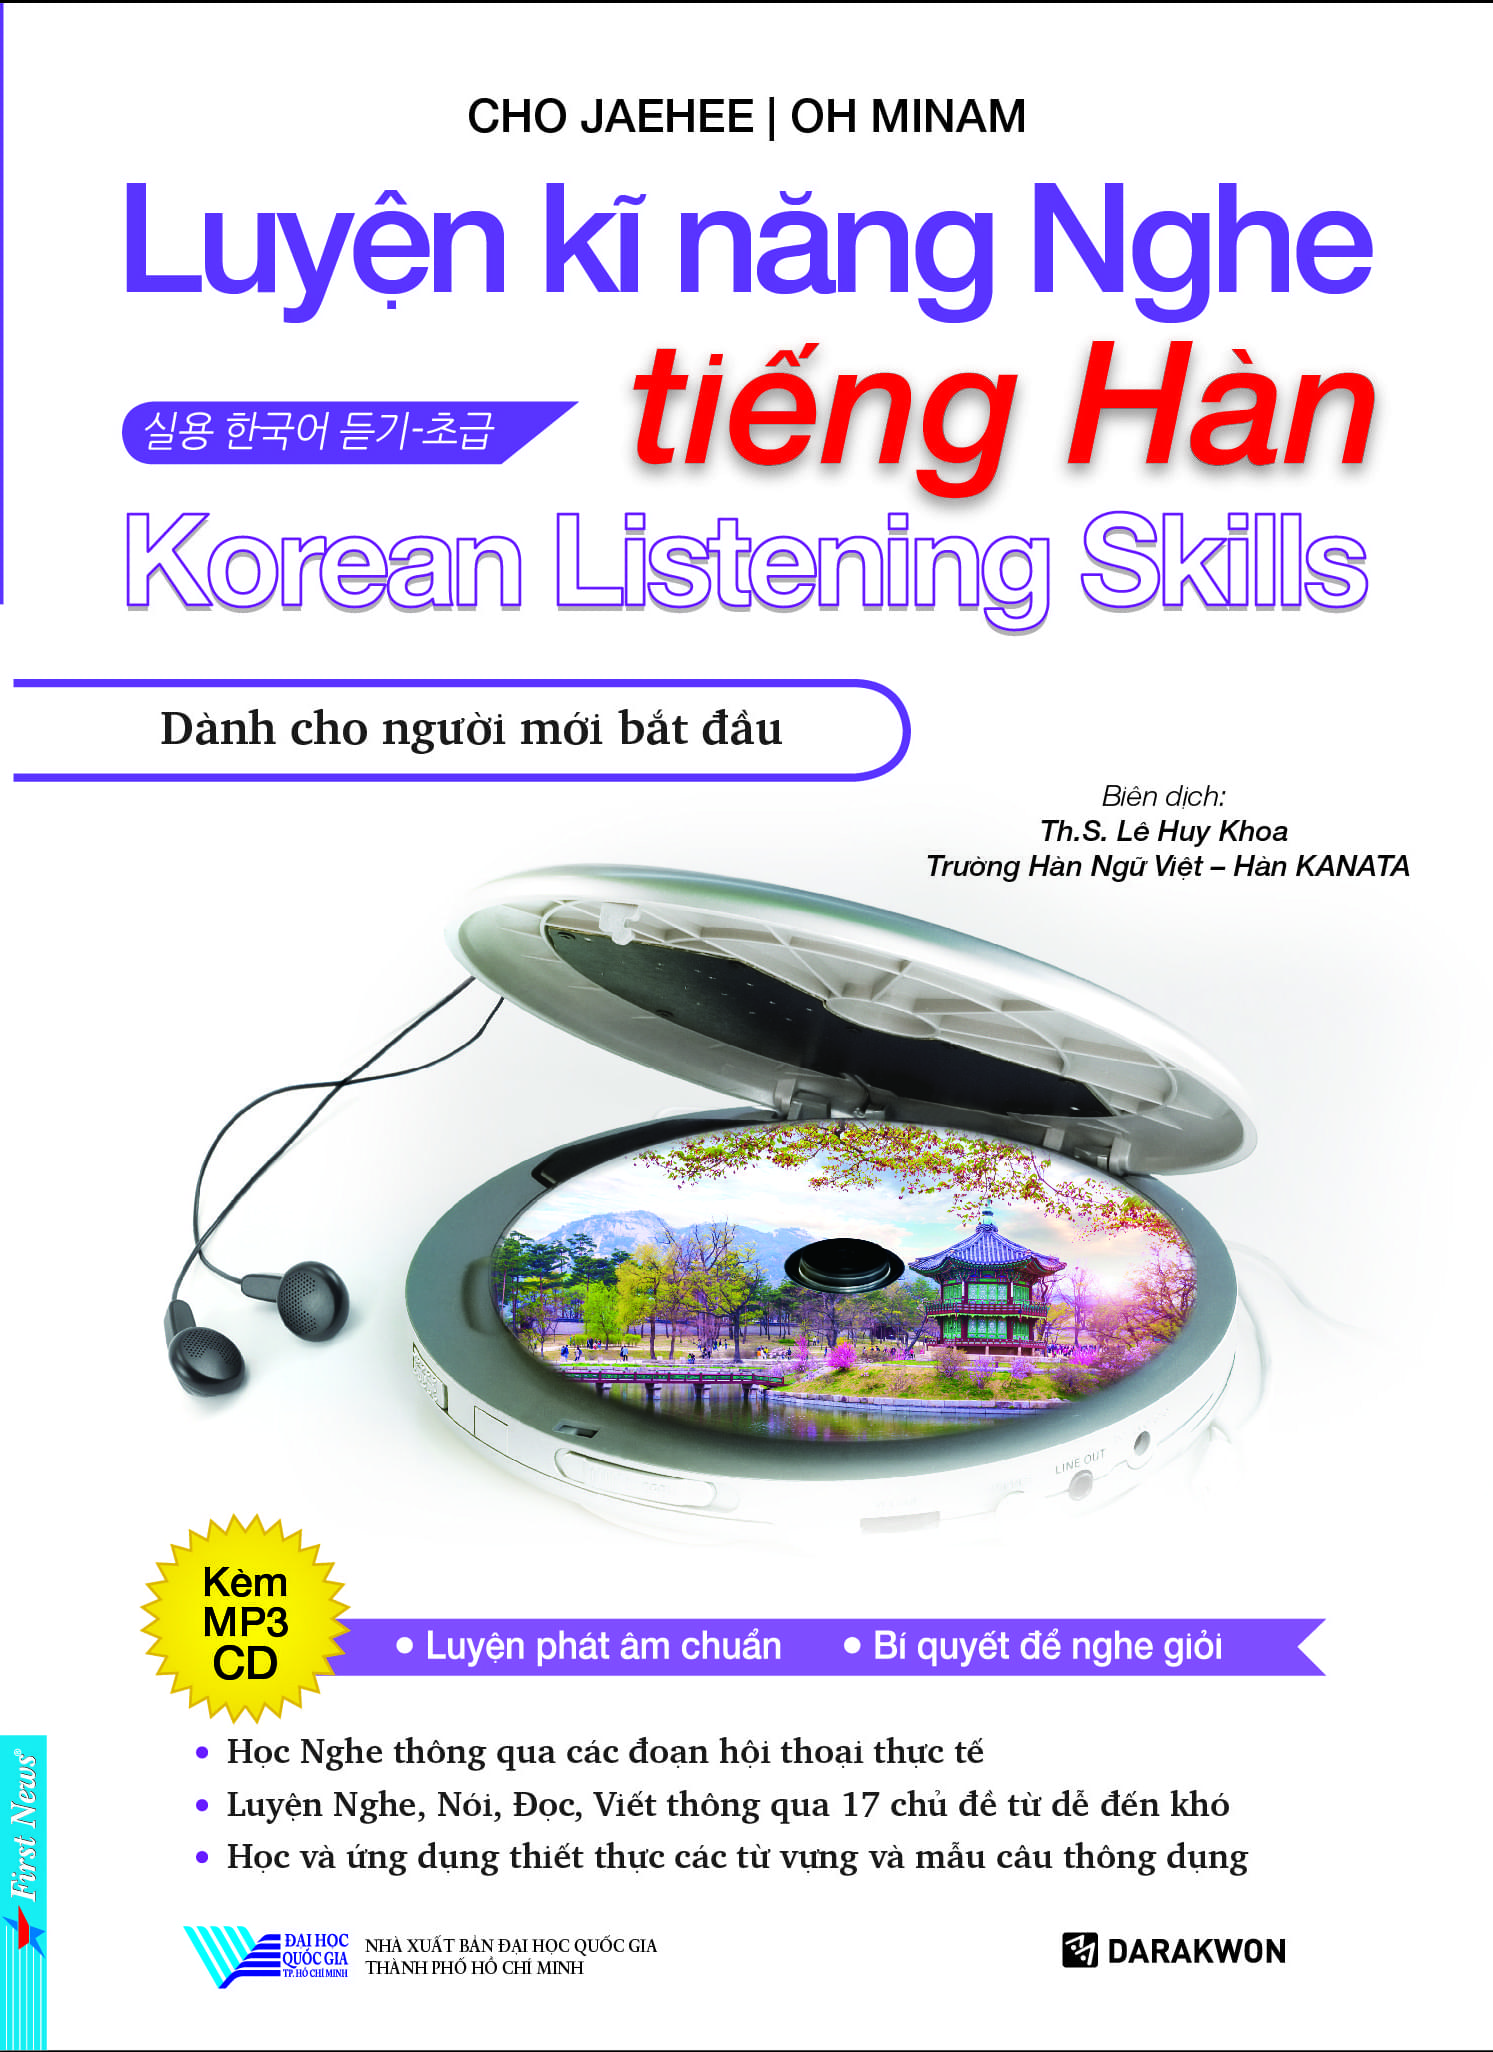 Luyện Kĩ Năng Nghe Tiếng Hàn - Dành Cho Người Mới Bắt Đầu (Kèm CD)